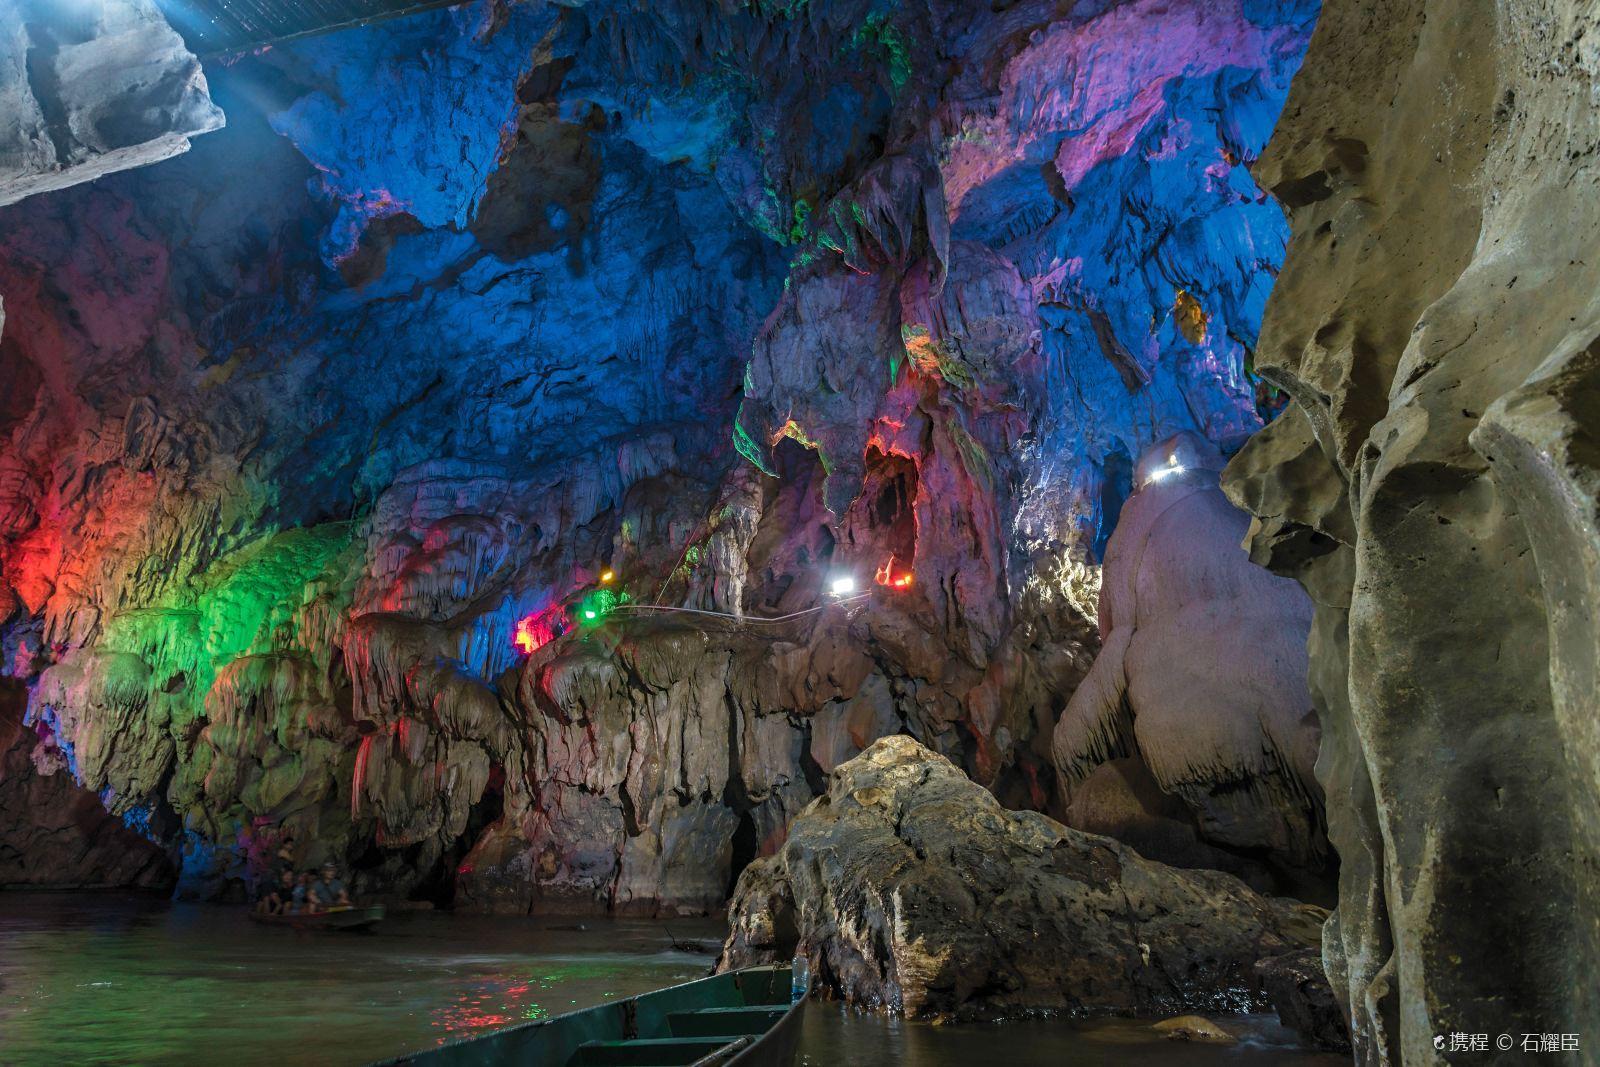 丽江从广州出发的最佳旅游路线是哪个月?